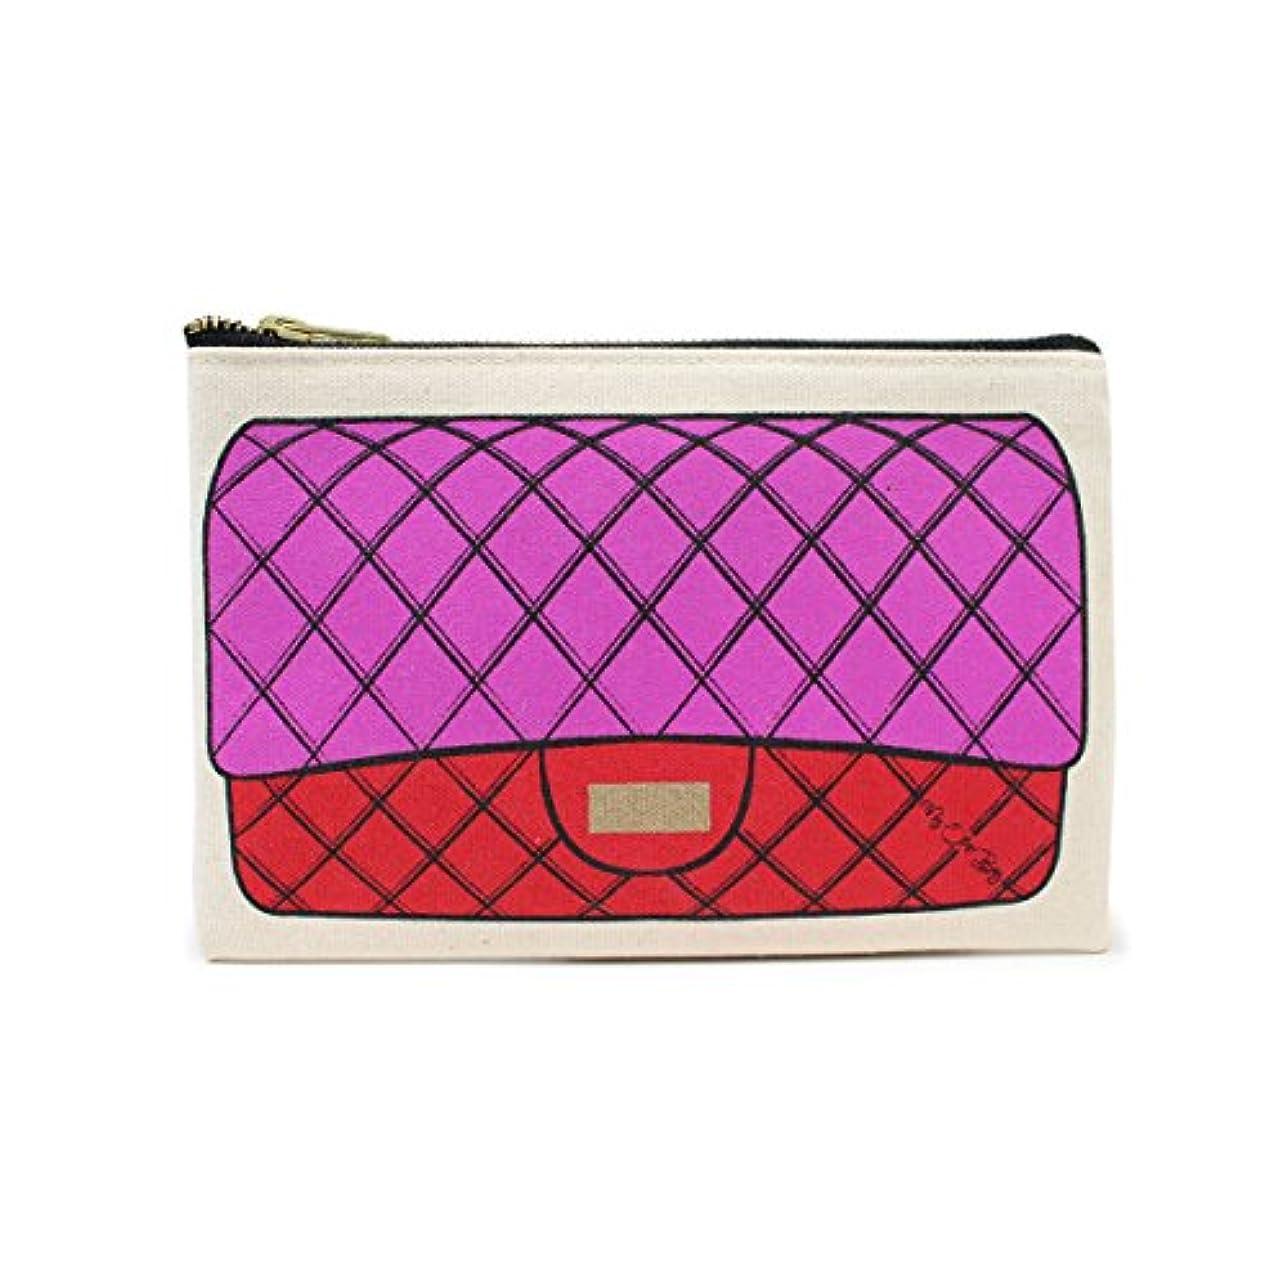 (マイアザーバッグ)My Other Bag ポーチ バッグ B04-12 FUSCHIA/RED (並行輸入品)